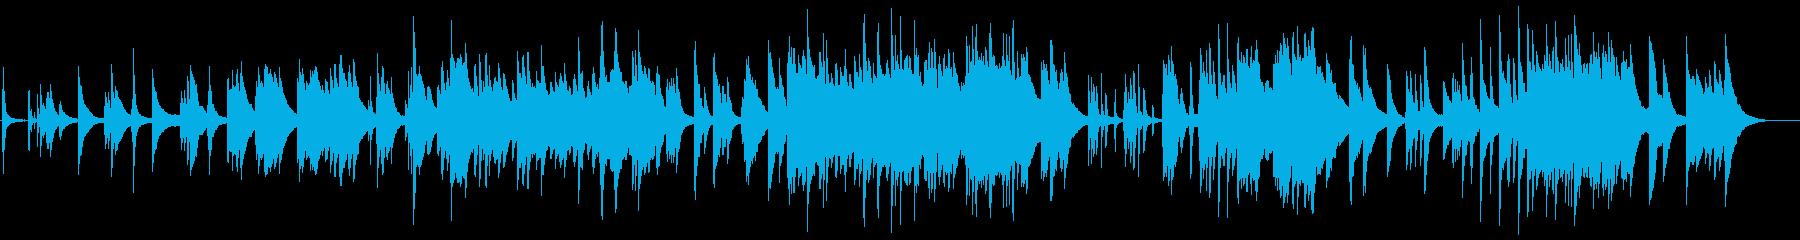 ゆったりとしたピアノソロのバラードの再生済みの波形